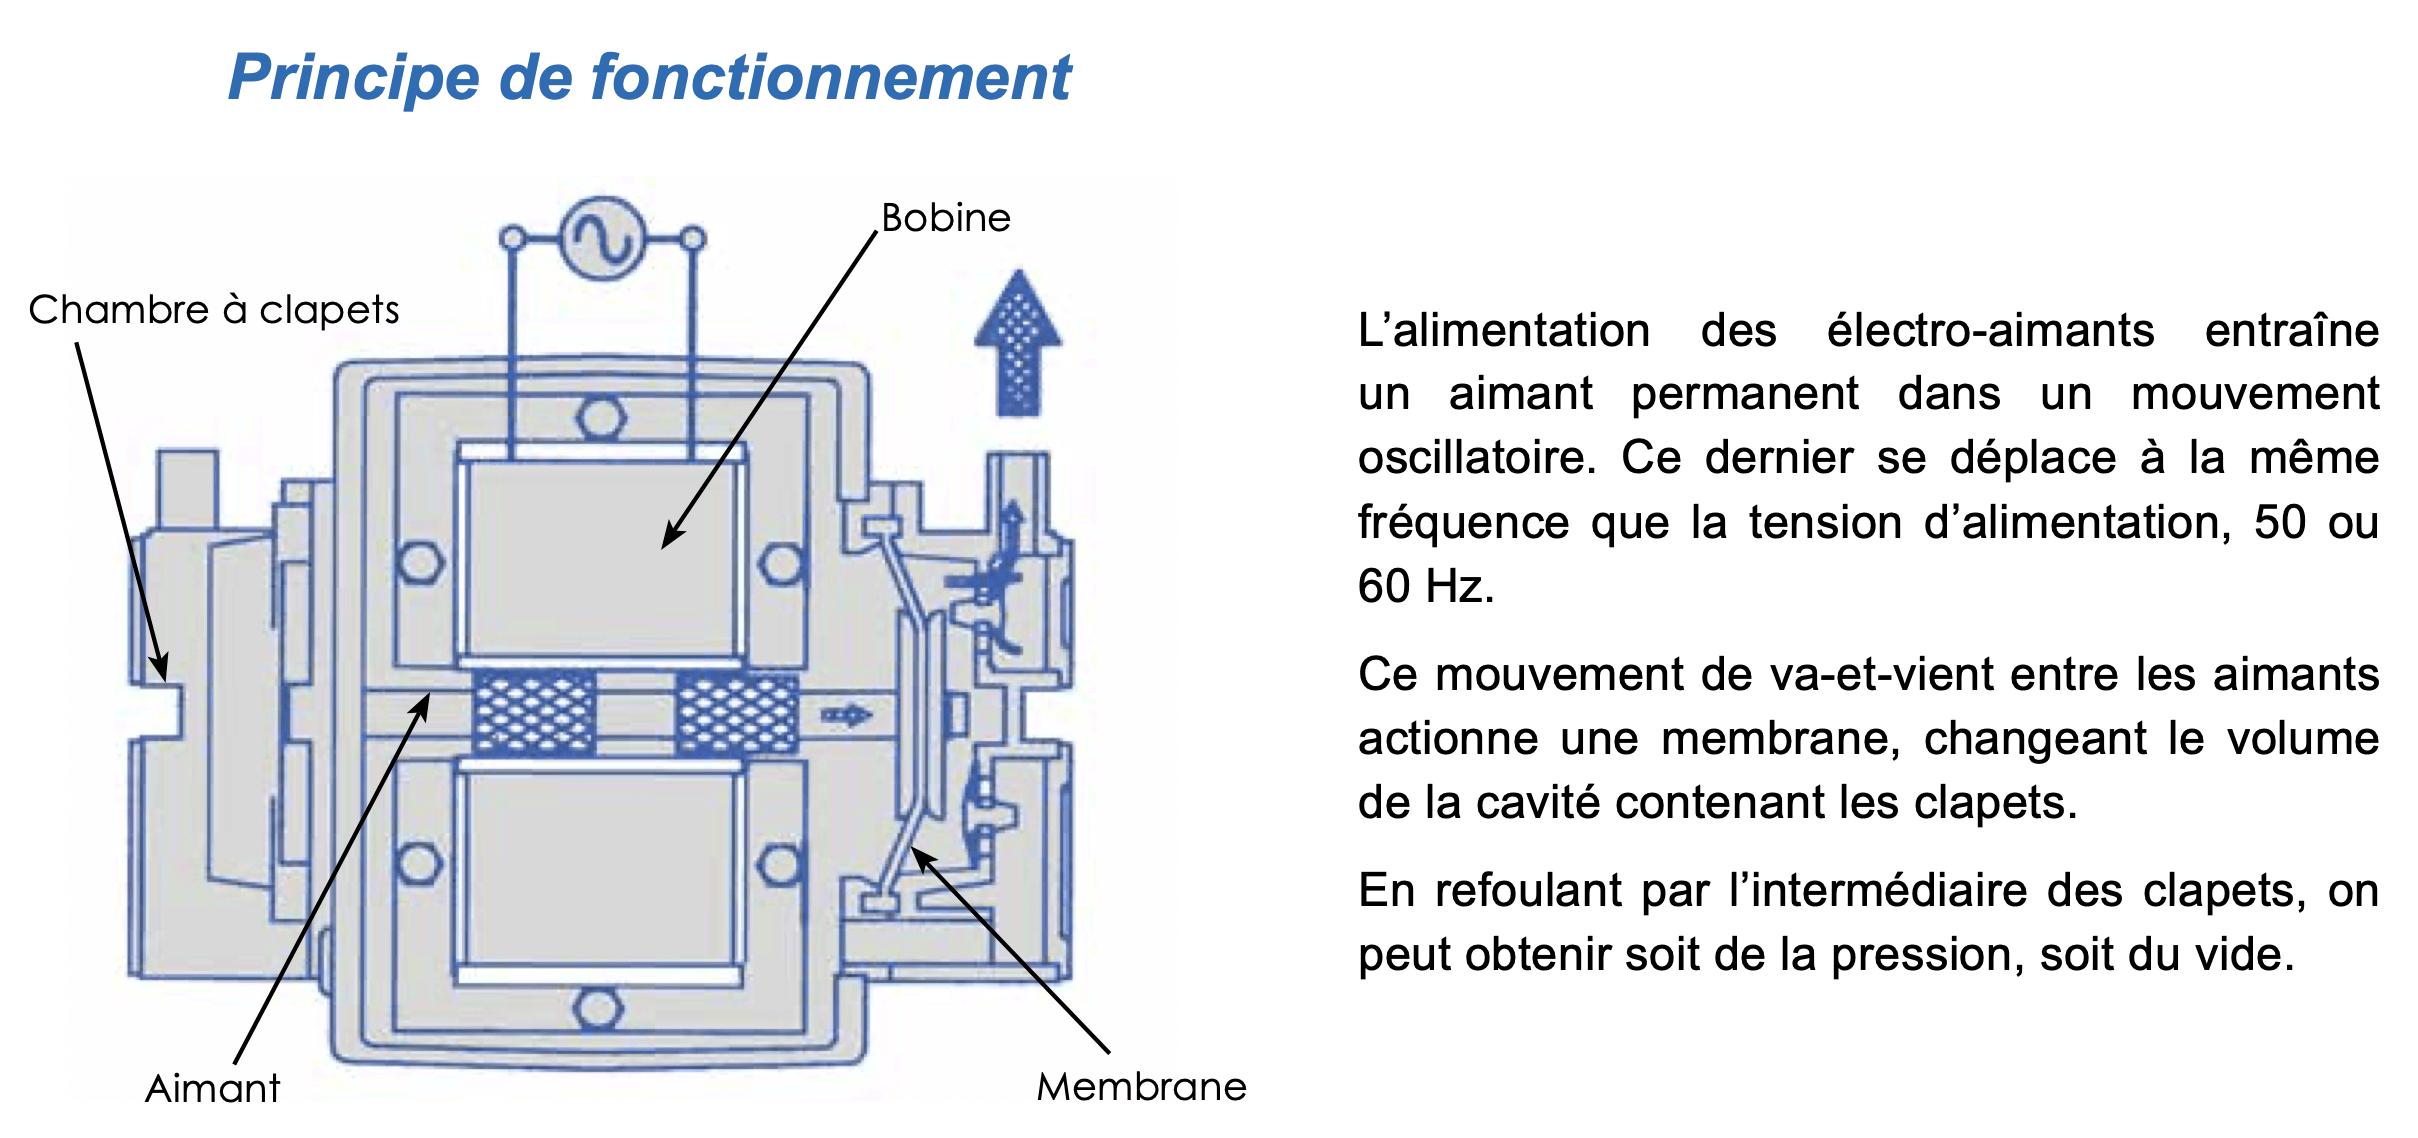 L'alimentation des électro-aimants entraîne un aimant permanent dans un mouvement oscillatoire. Ce dernier se déplace à la même fréquence que la tension d'alimentation, 50 ou 60 Hz. Ce mouvement de va-et-vient entre les aimants actionne une membrane, changeant le volume de la cavité contenant les clapets. En refoulant par l'intermédiaire des clapets, on peut obtenir soit de la pression, soit du vide.